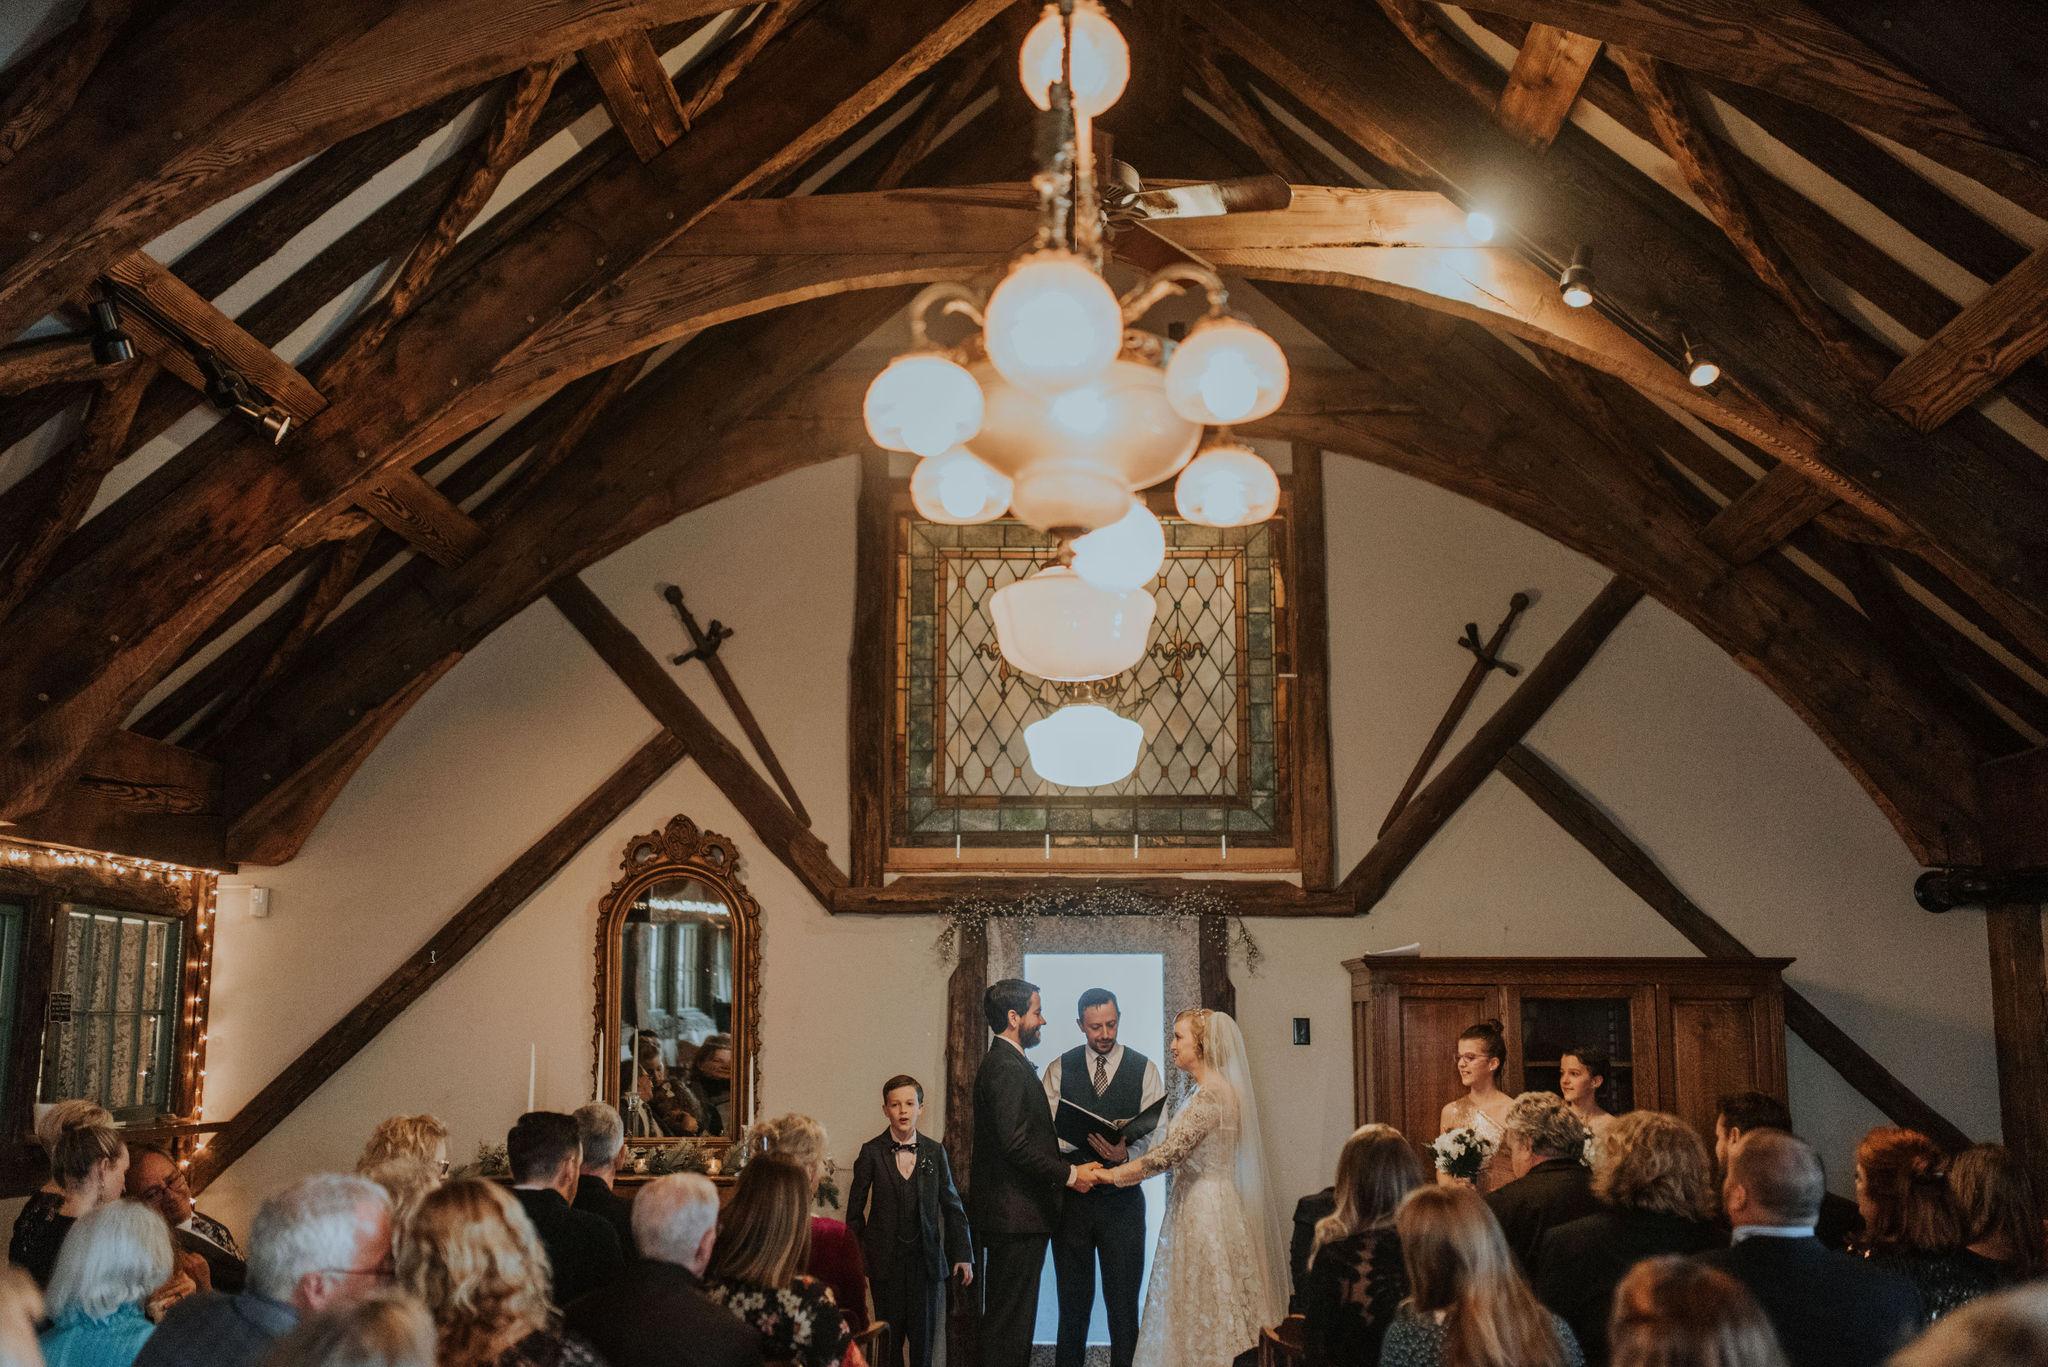 alyssaleicht-angela-john-wedding-106.jpg